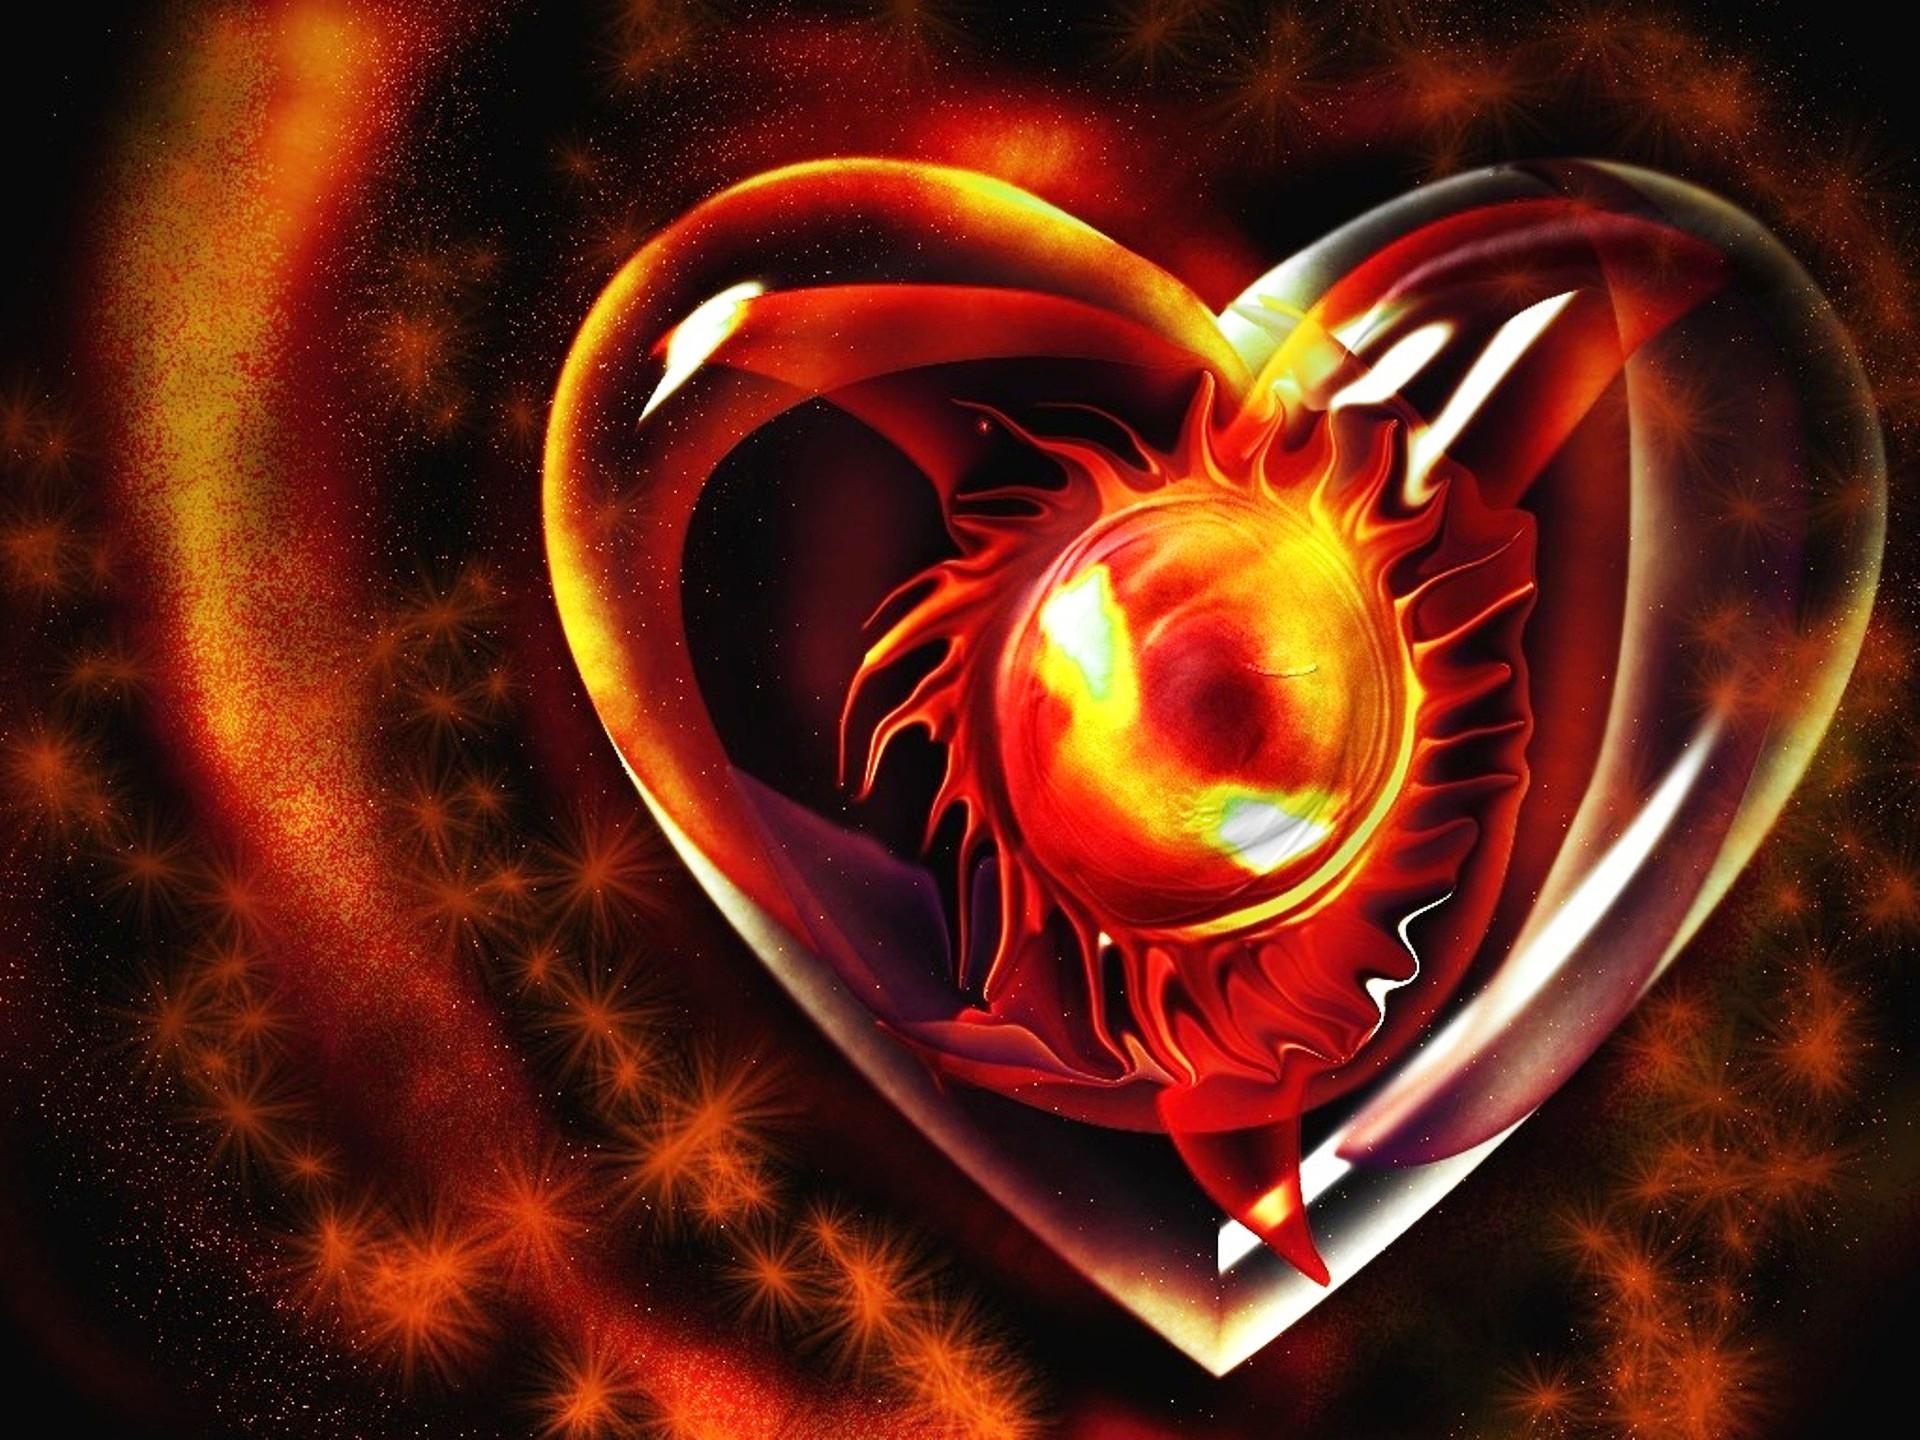 صور قلوب وحب ورومانسية وصورة قلب HD  (18)